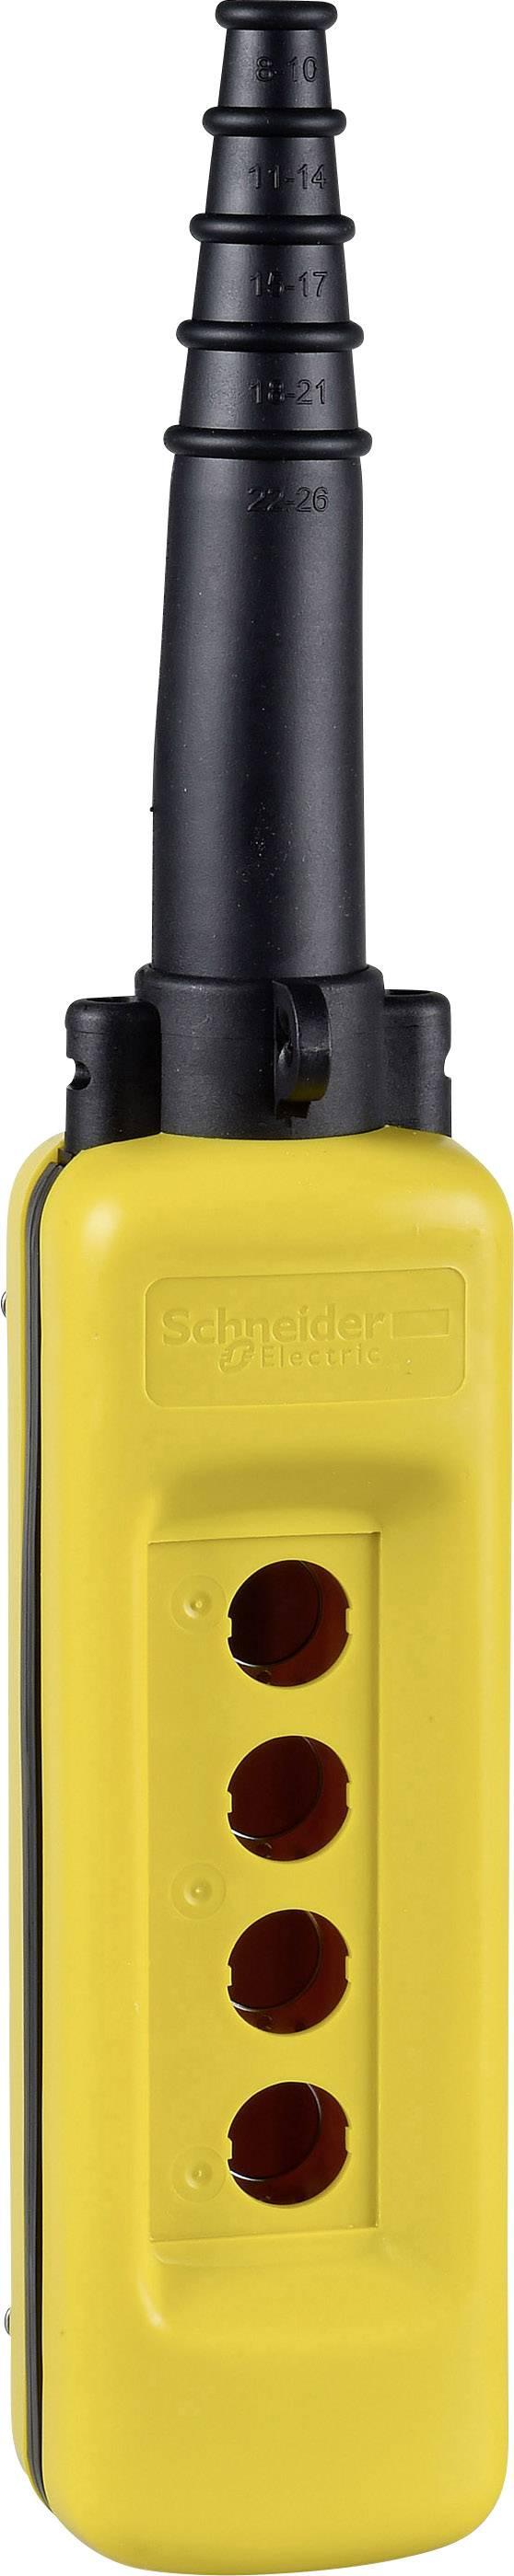 Prázdné pouzdro Schneider Electric XACA04 XACA04, 1 ks